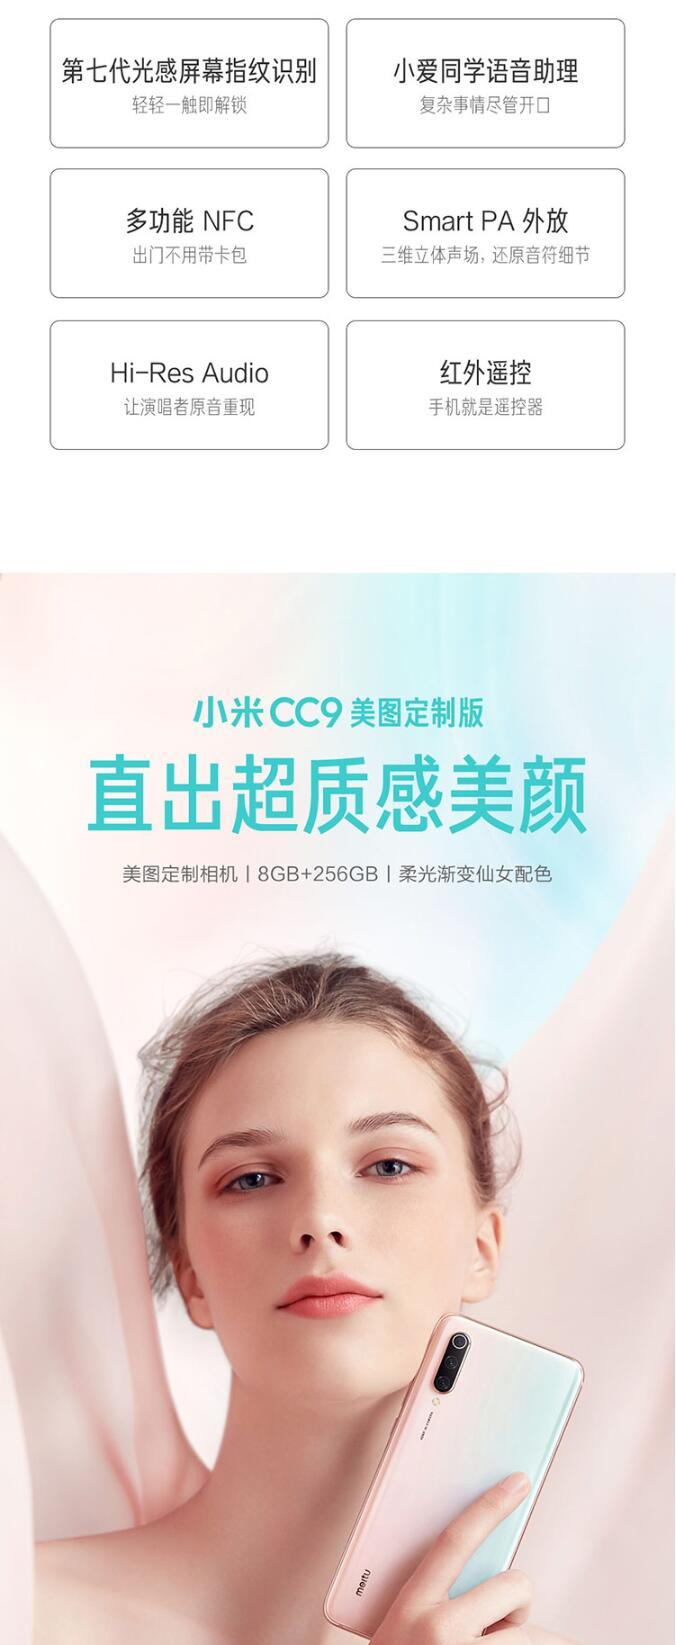 中山手机网 小米(xiaomi) 小米 cc9手机专卖